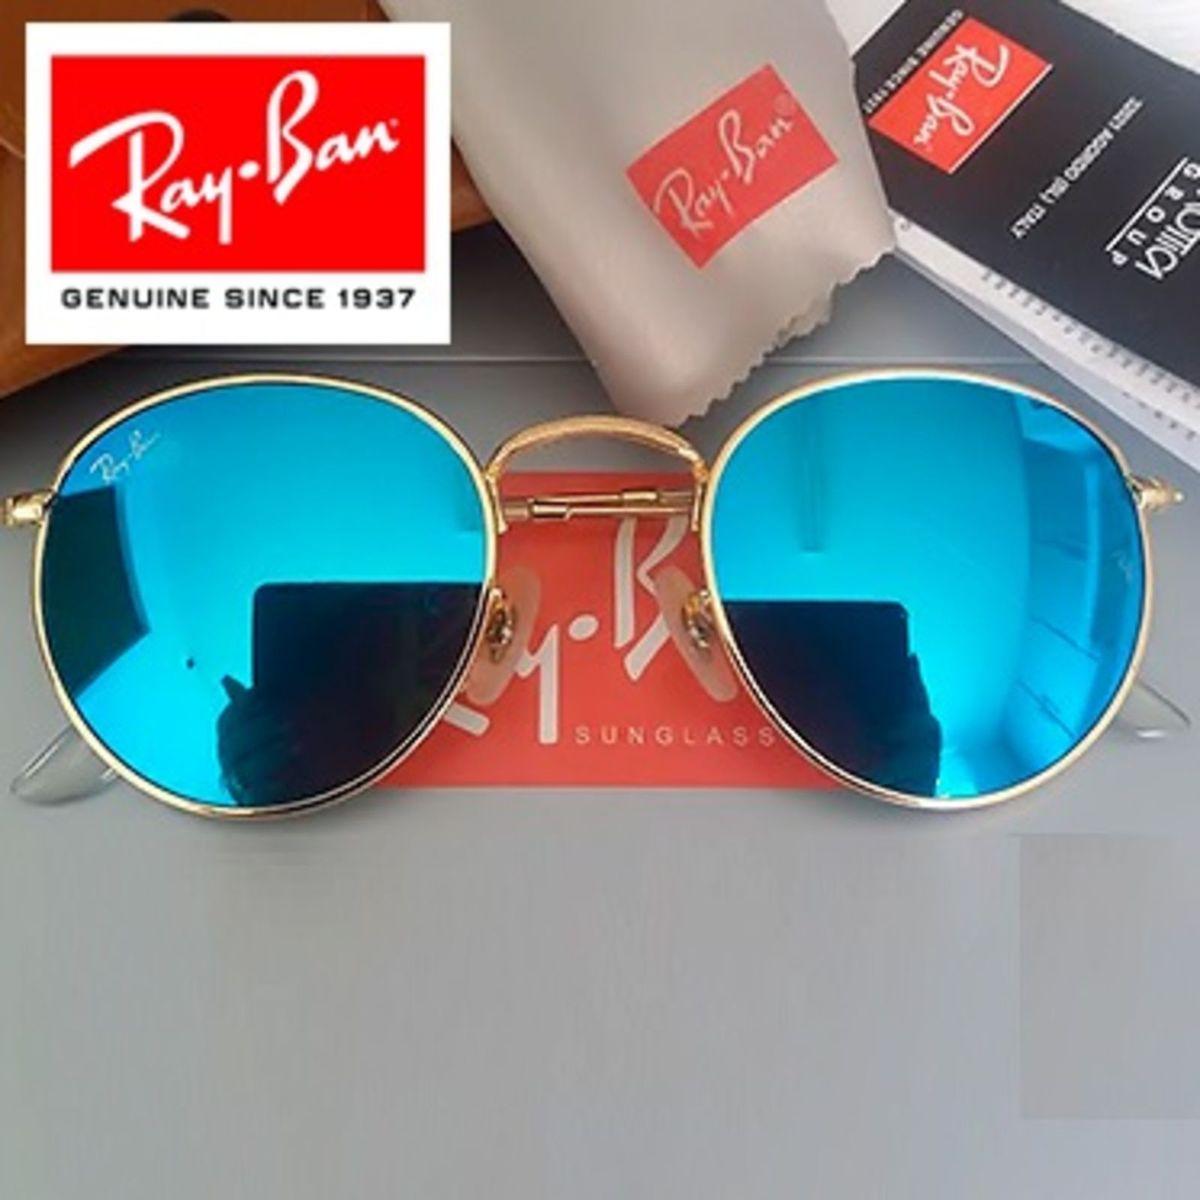 b3291a131 Oculos Ray Ban Round Rb3447 Azul Espelhado Original Importado | Óculos  Feminino Ray Ban Nunca Usado 14482200 | enjoei